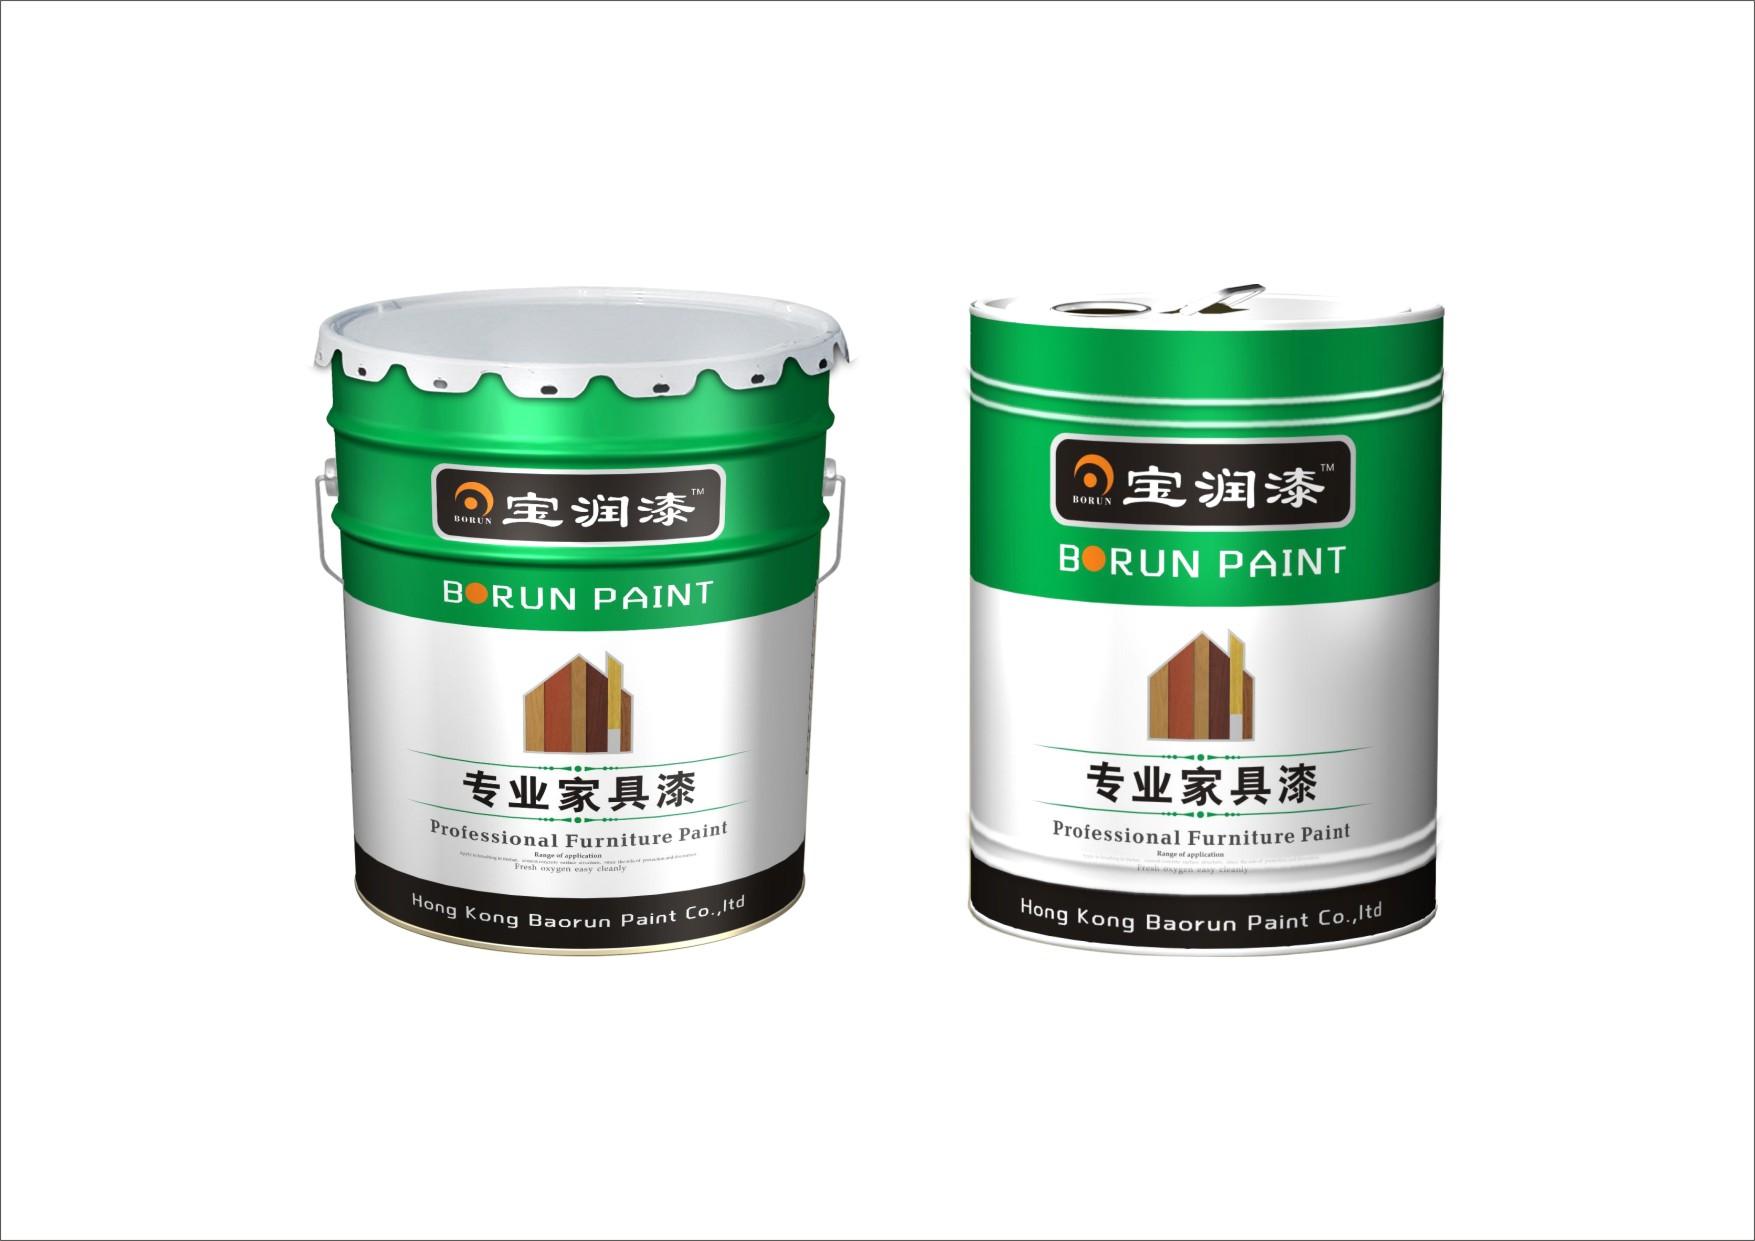 供应宝润漆 最好的家具漆,最便宜的家具漆